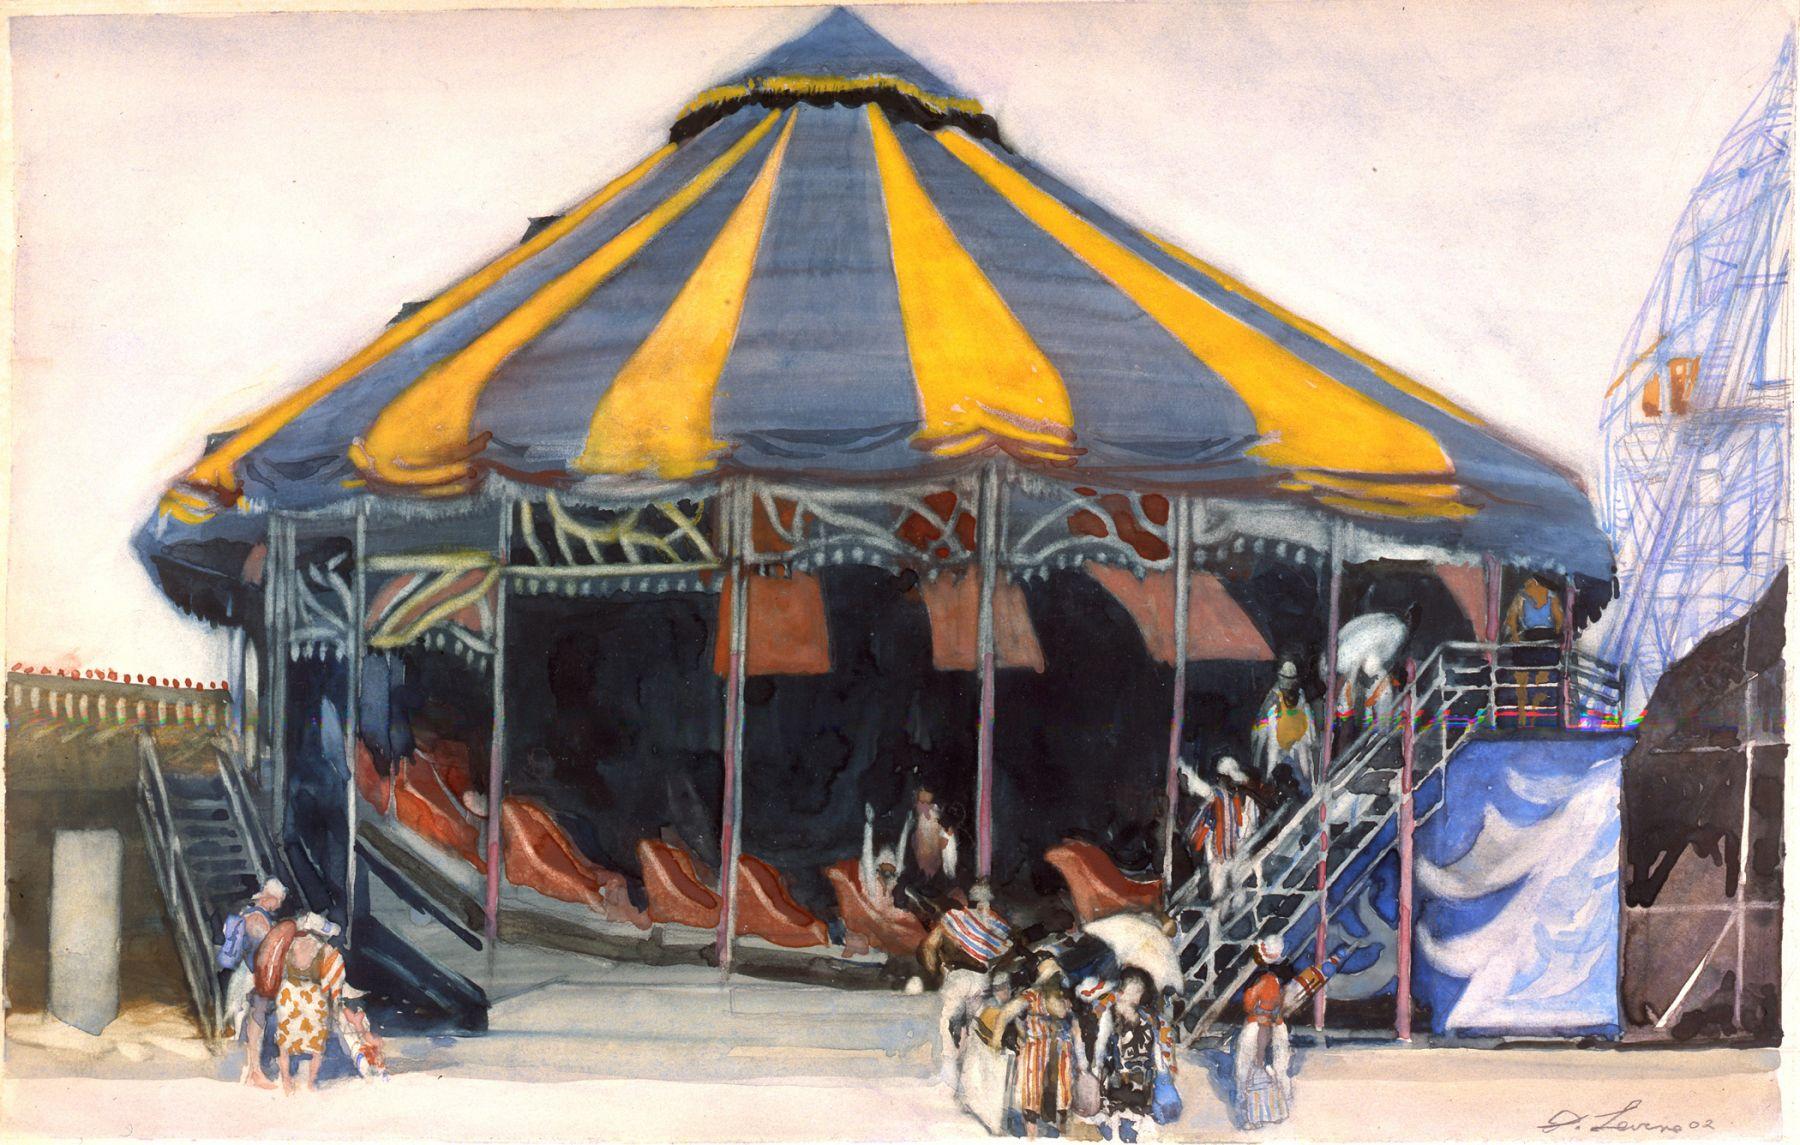 david levine, Escape, 2003, watercolor on paper, 111 1/2 x 18 inches, Private collection, Chicago, IL